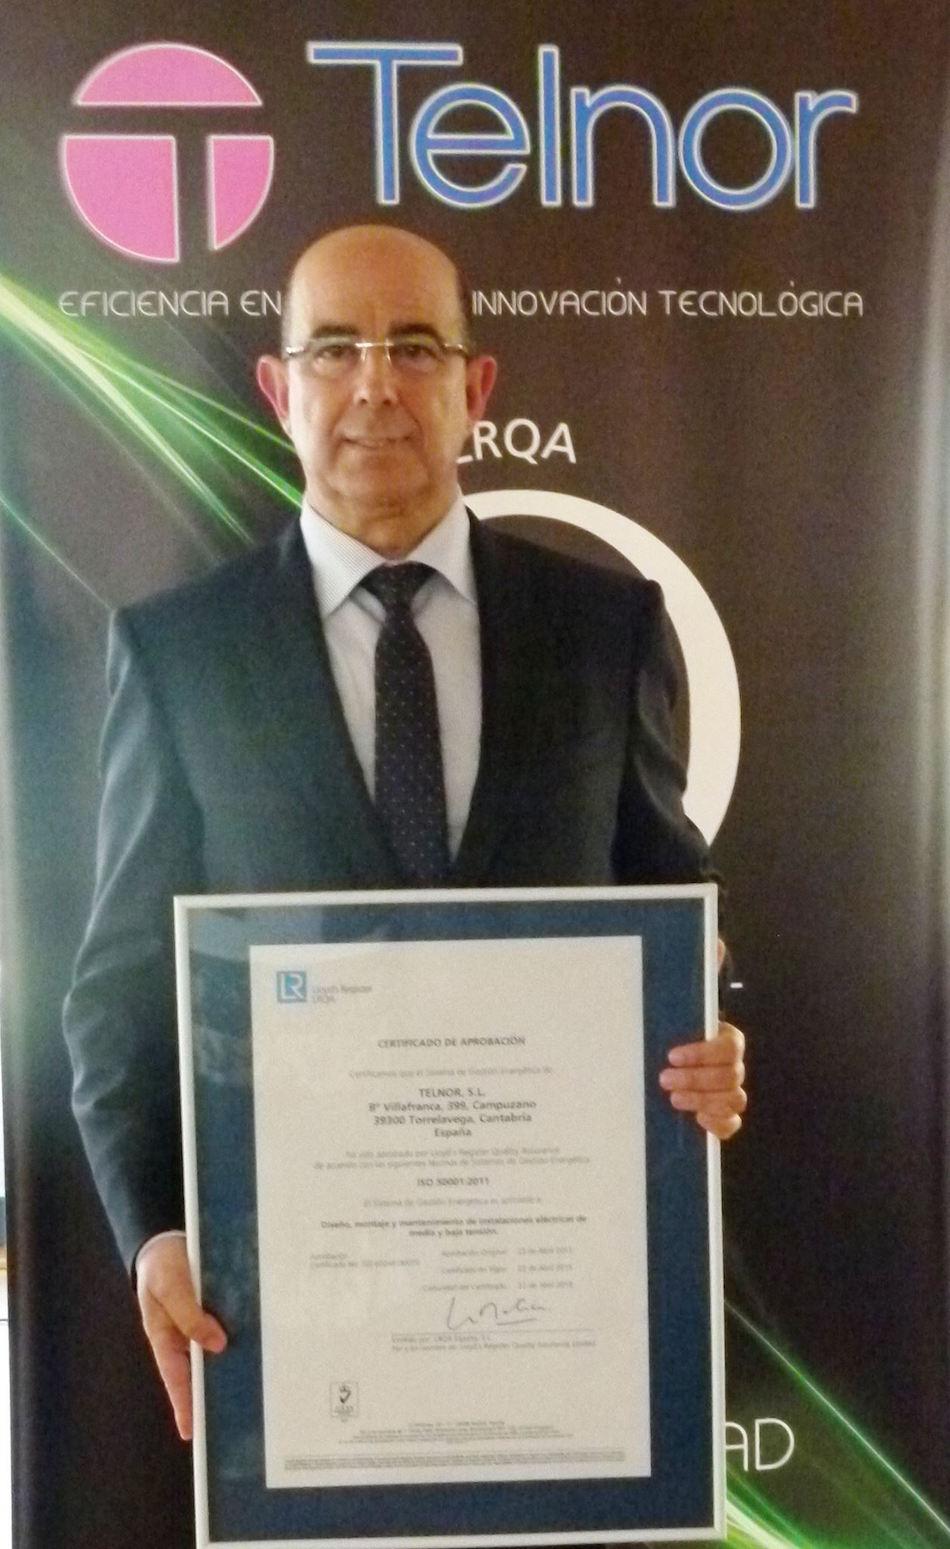 Telnor, Certificación ISO 50001, Gestión Eficiente de la Energía